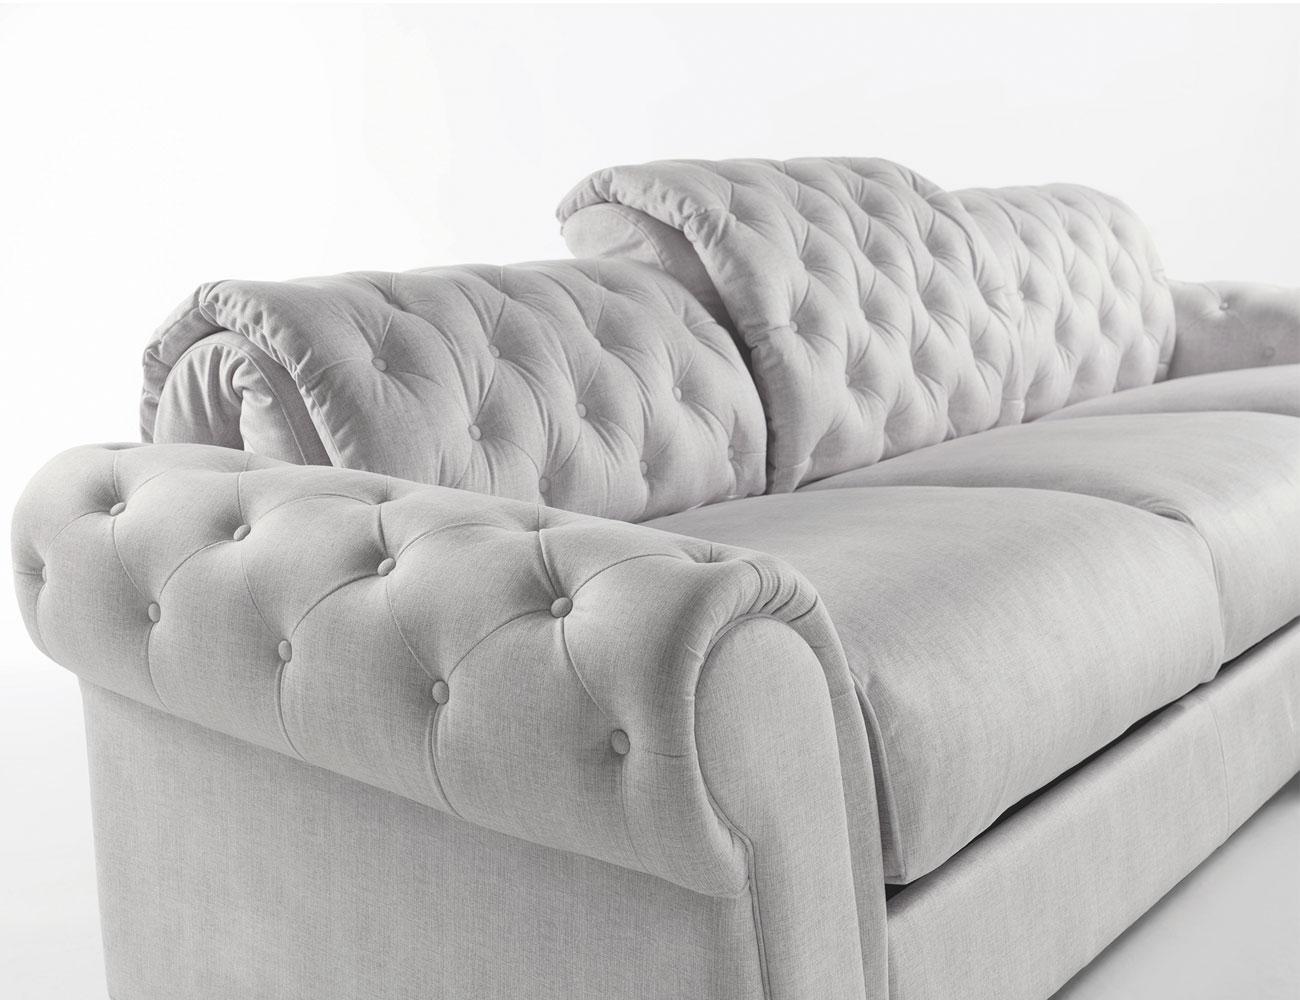 Sofa chaiselongue gran lujo decorativo capitone blanco tela 110